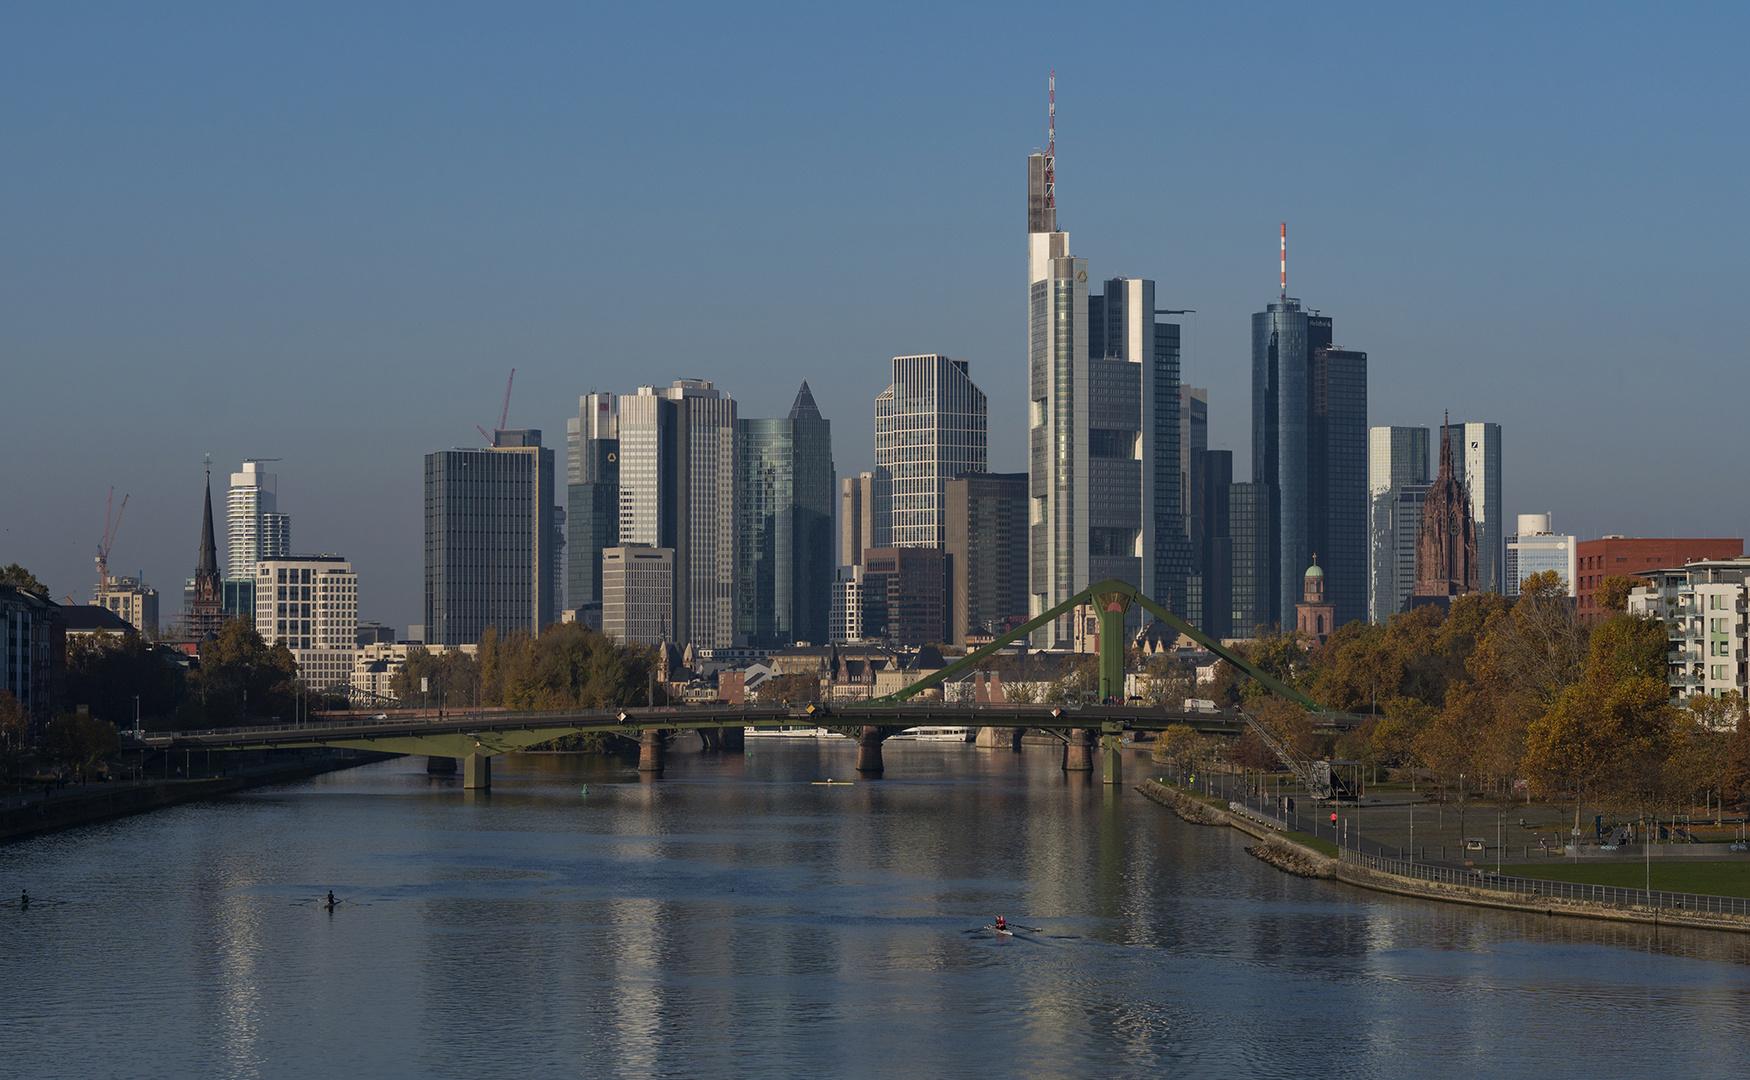 Frankfurt-Skyline am 08.11.2020